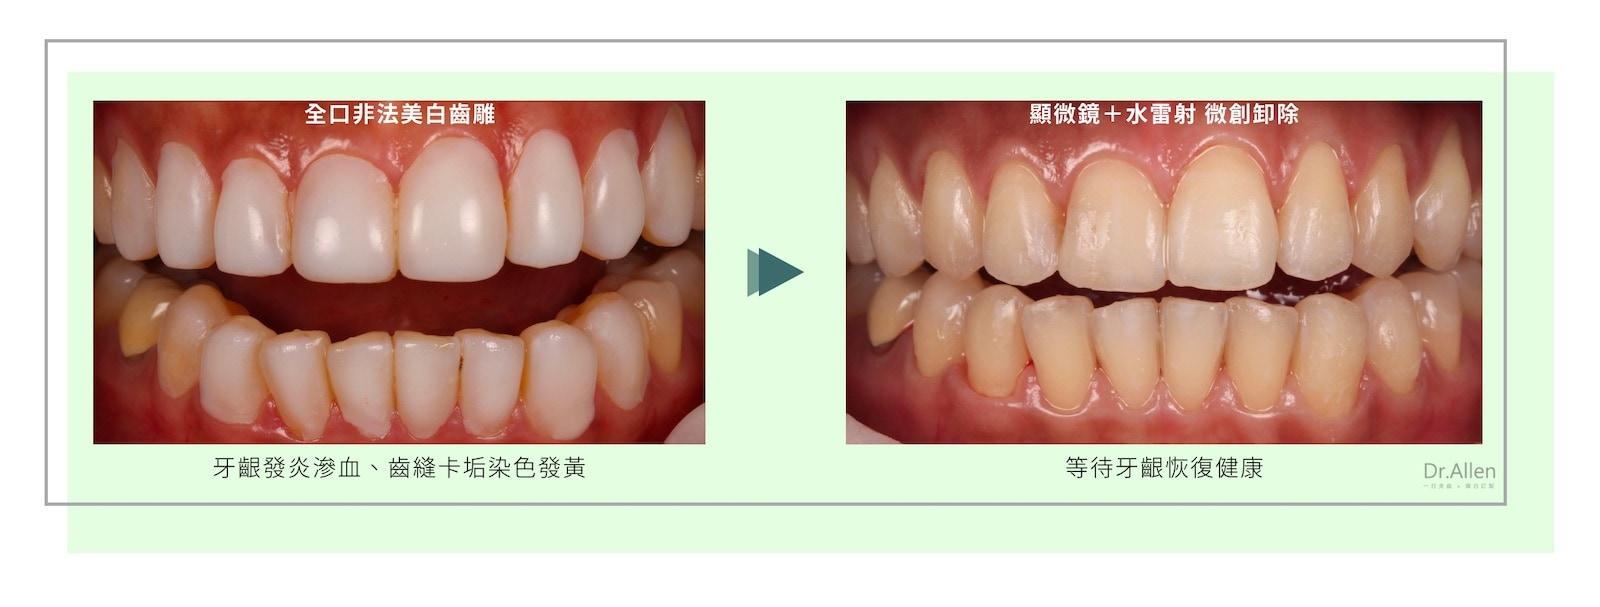 美白齒雕-失敗-拆除-陶瓷貼片-台中牙醫-吳國綸醫師